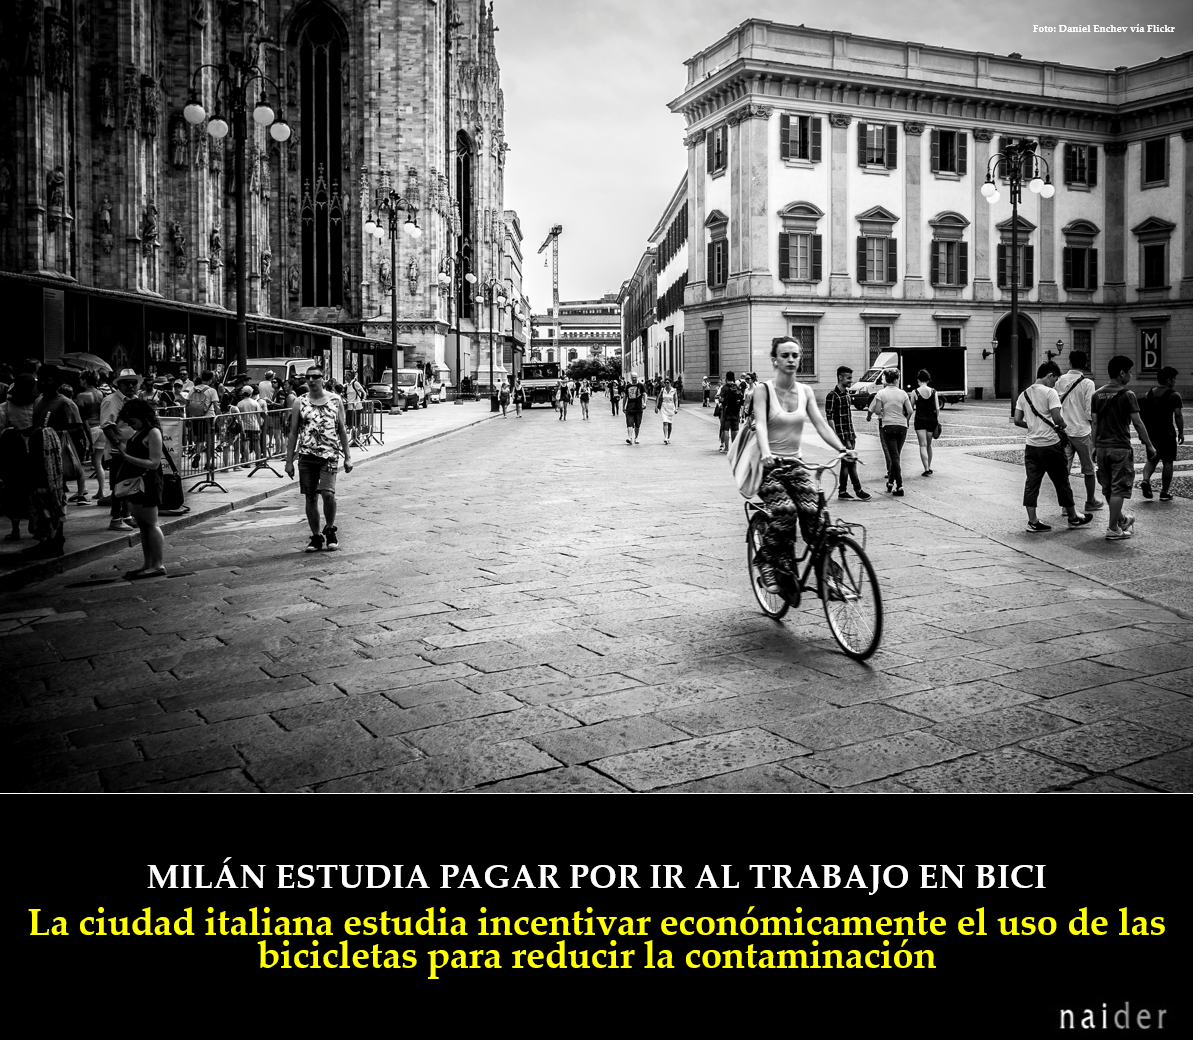 Milan estudia pagar por ir en bici infopost.jpg